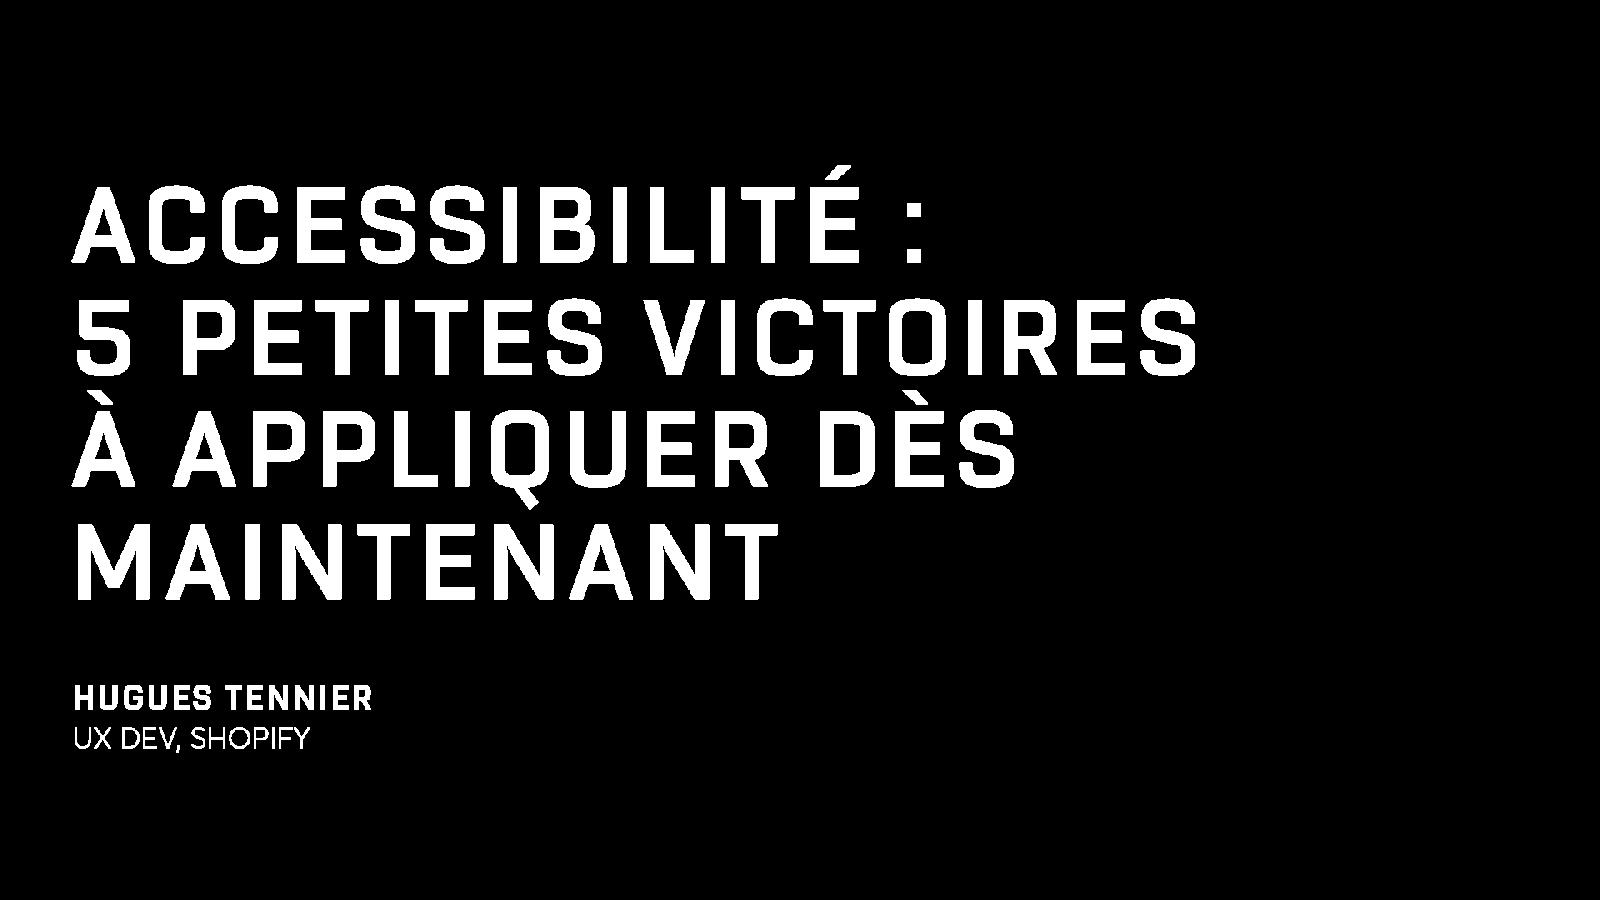 Accessibilité : 5 petites victoires à appliquer dès maintenant